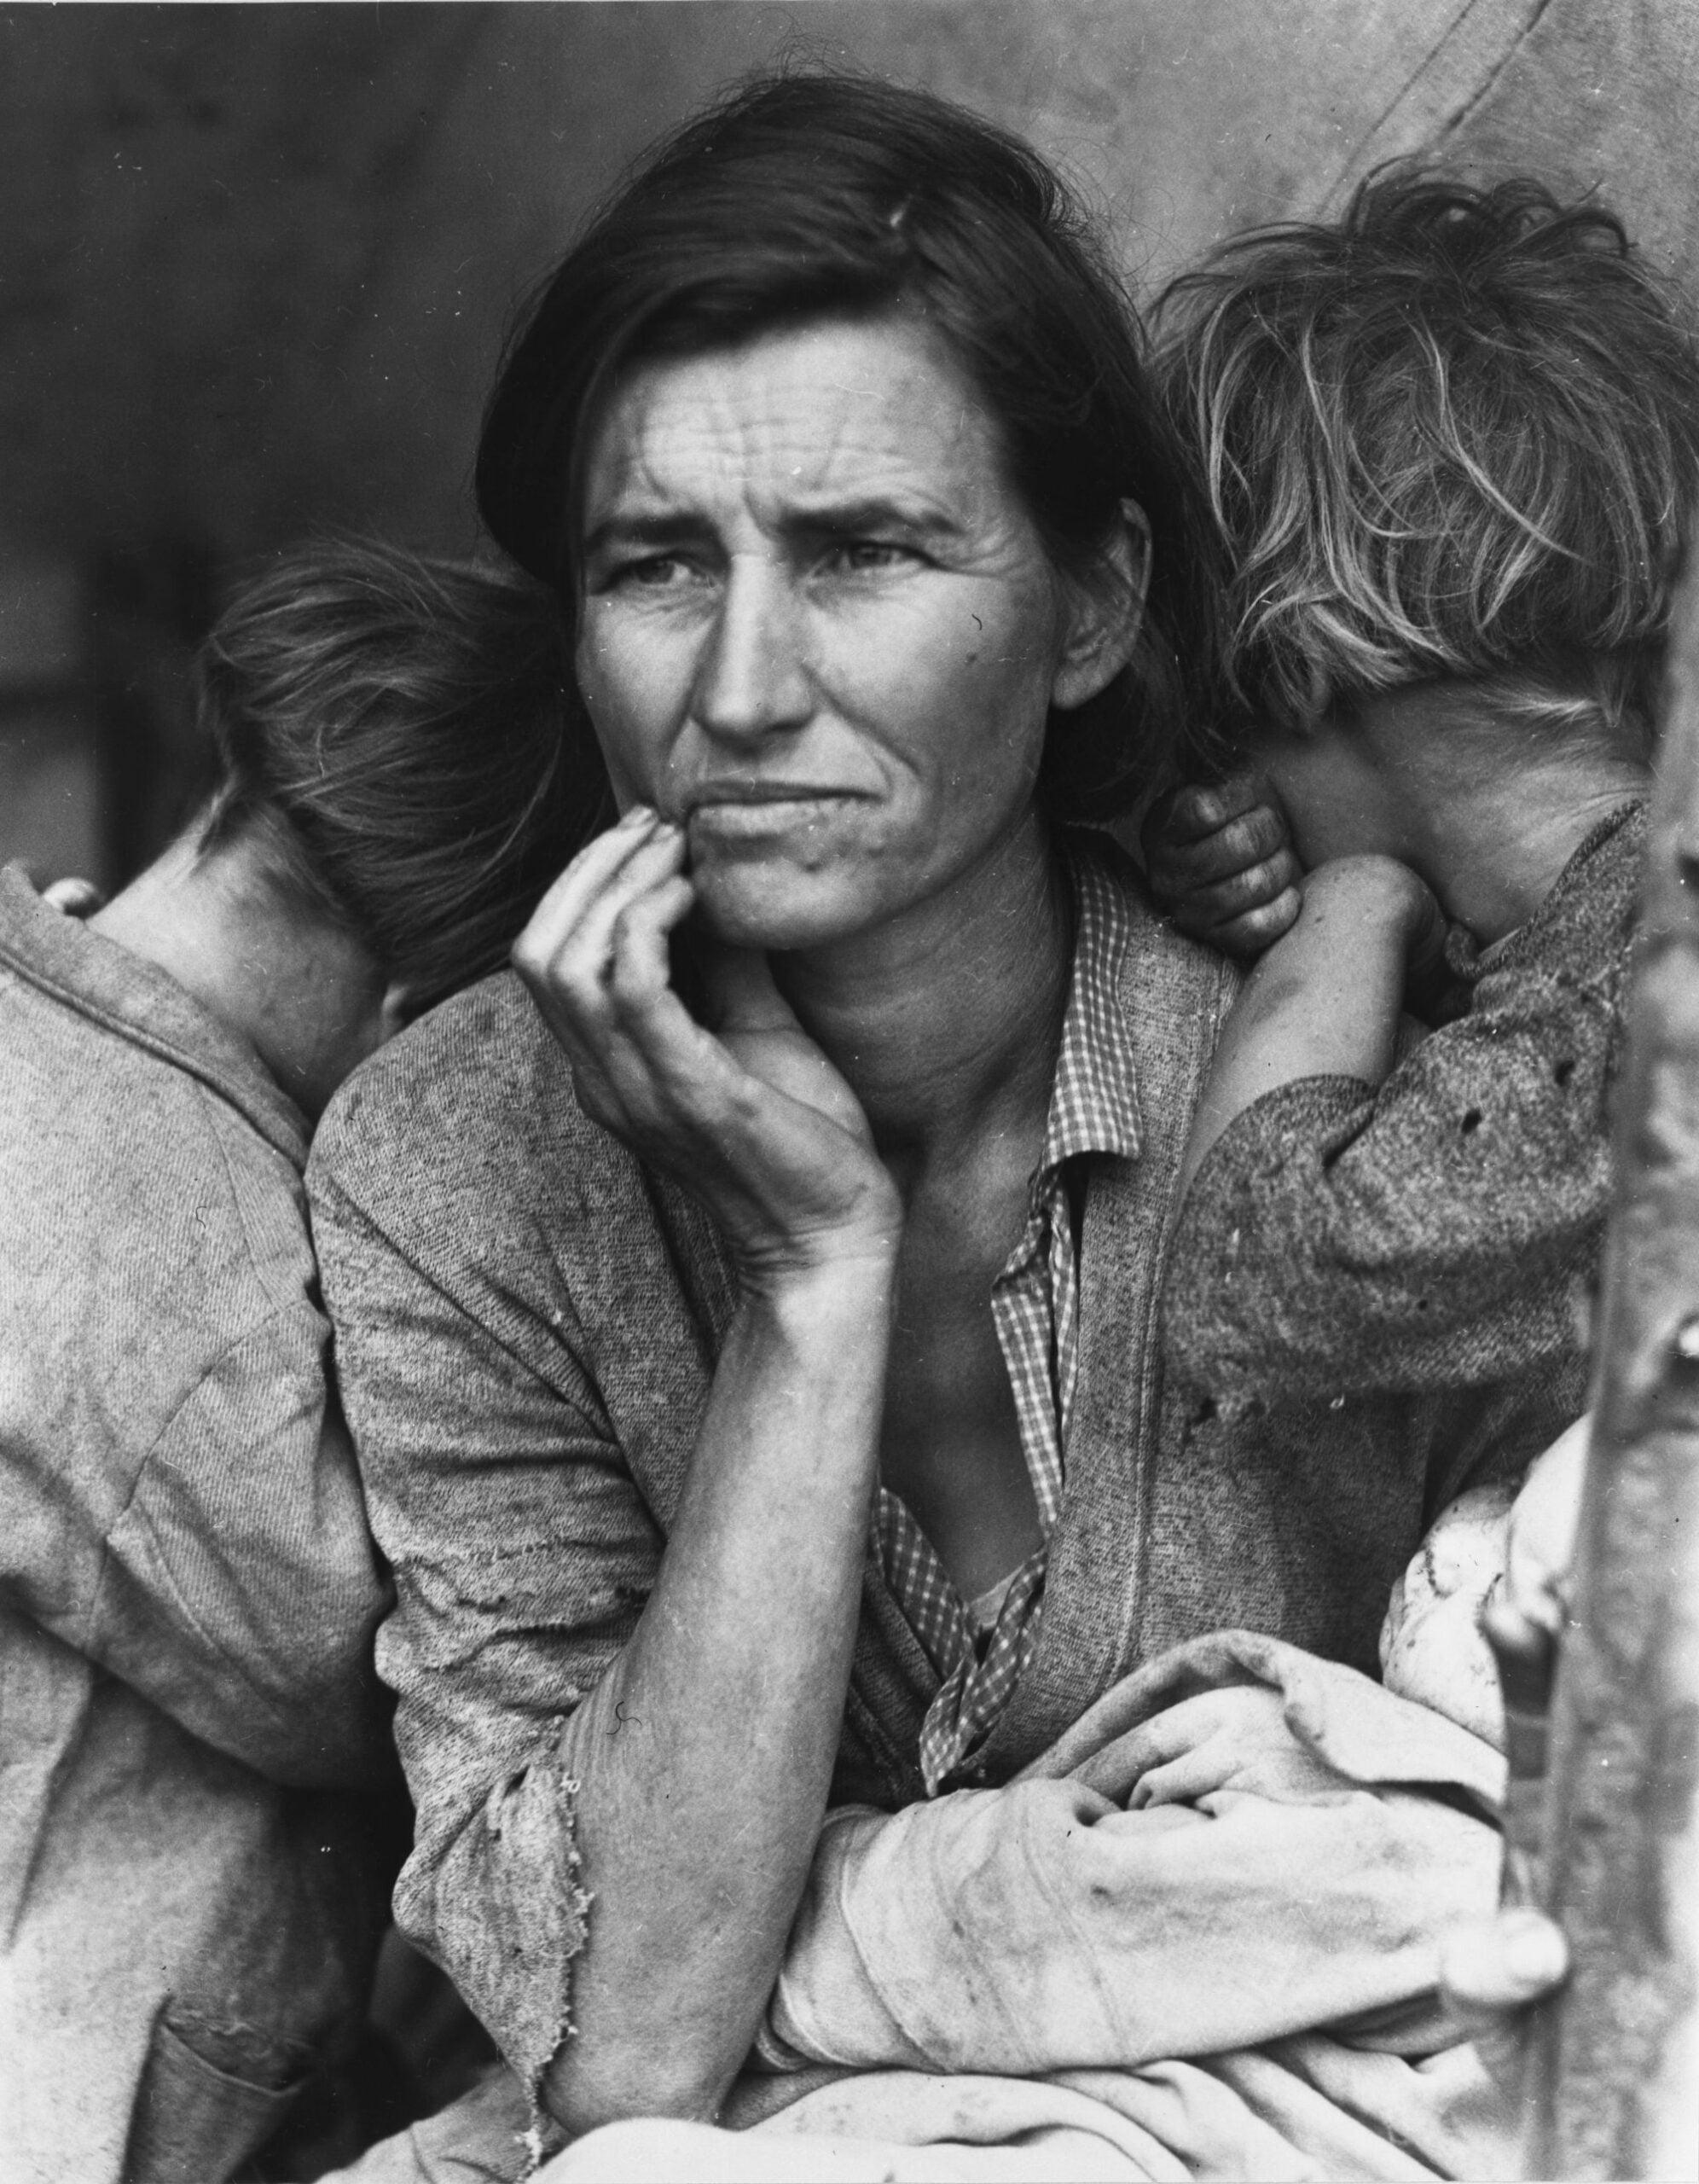 Czarno-białe zdjęcie. Na zdjęciu kobieta ze zmartwioną miną, wpatrzona  w dal. Na jej ramionach oparte dzieci, zwrócone tyłem do obiektywu. Wszyscy wydają się zmęczeni i